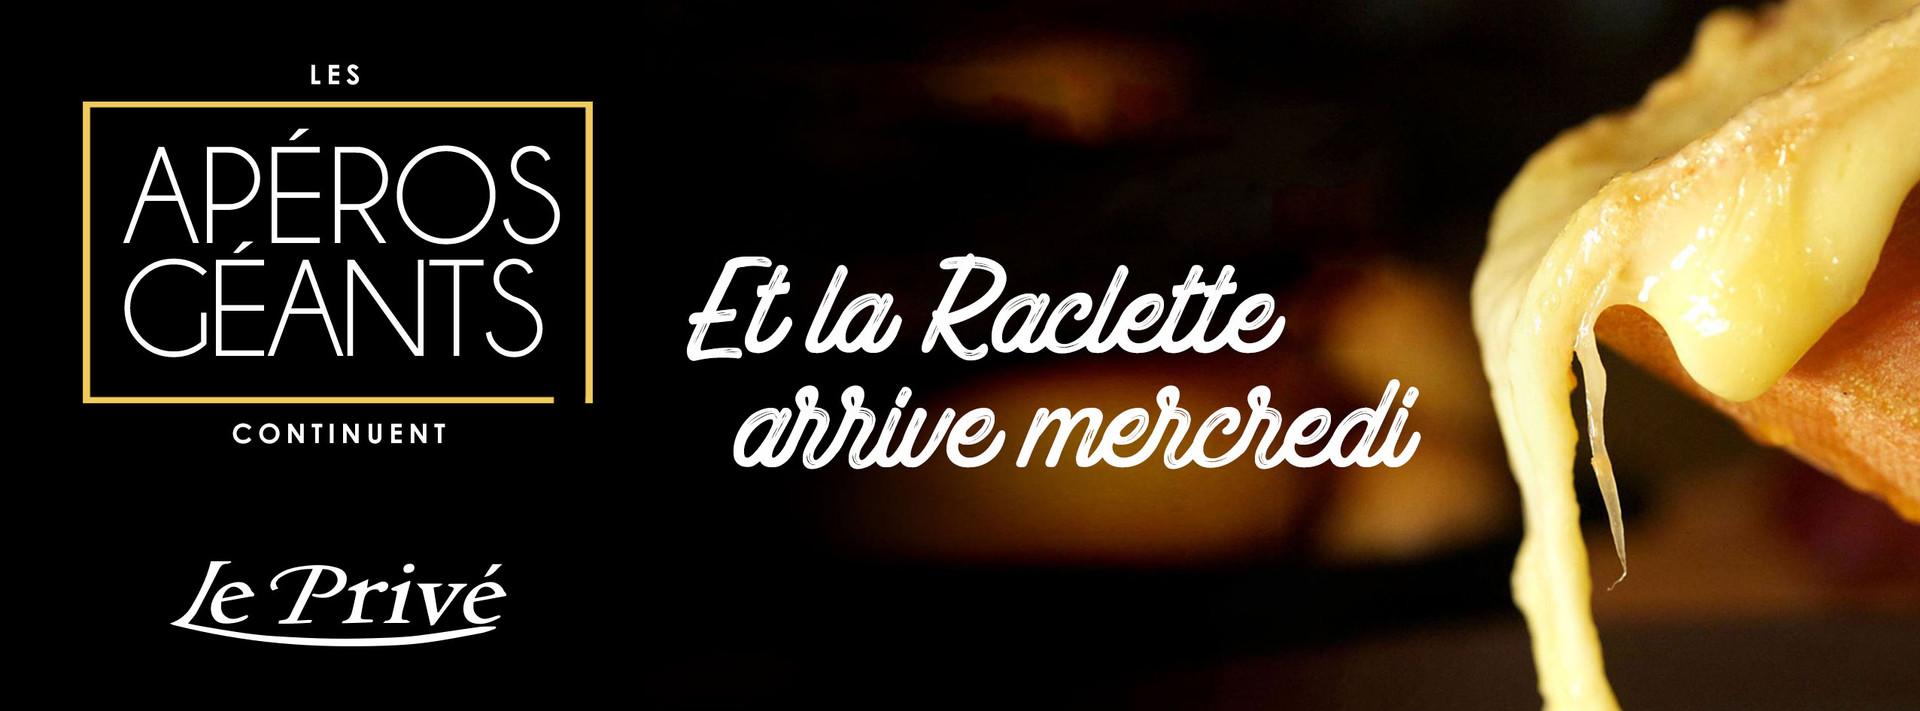 Apéro-Géant-Raclette-cover.jpg